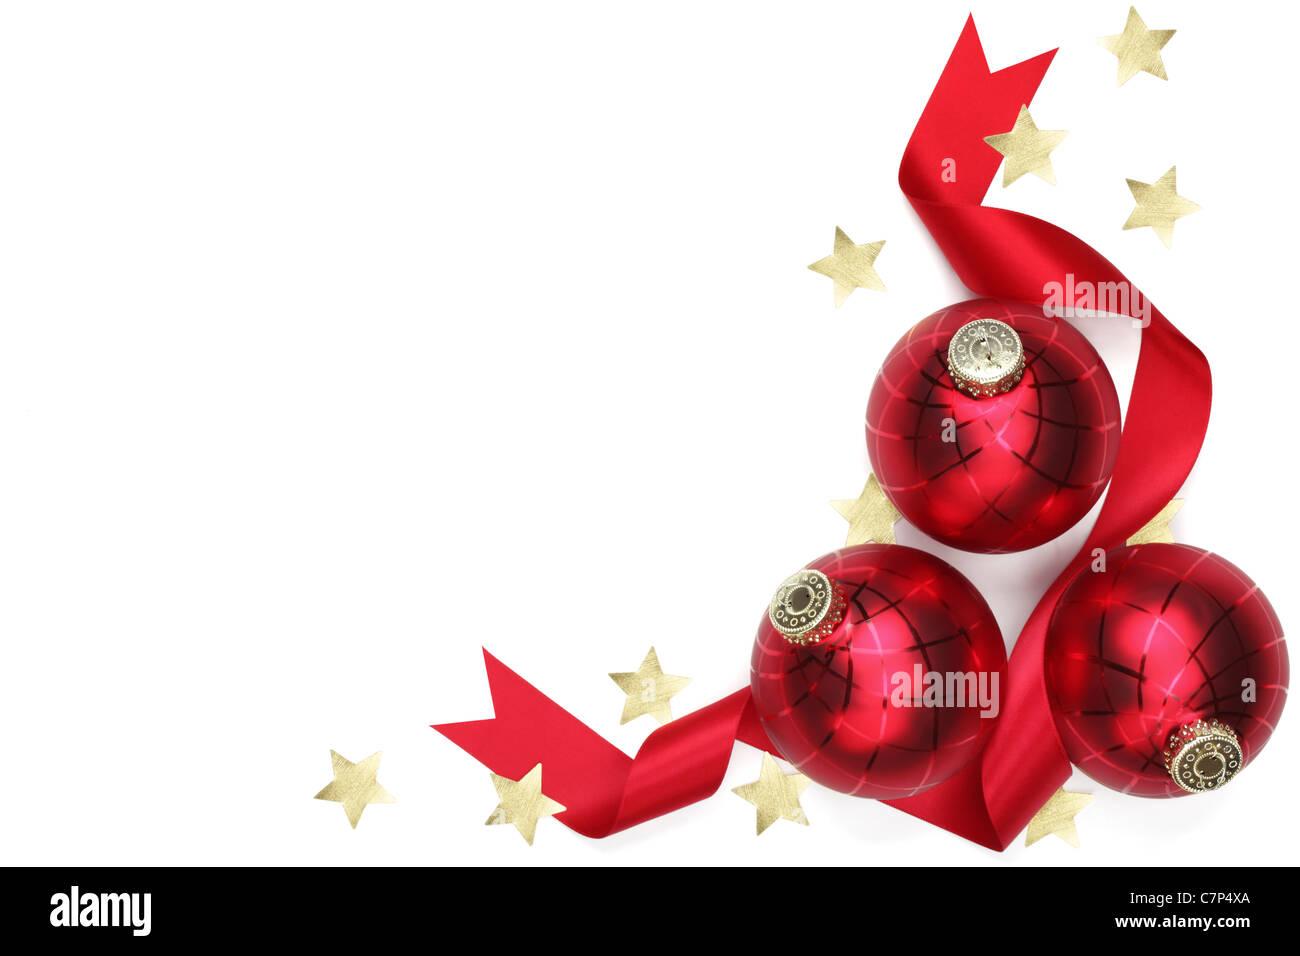 Tre palle di Natale con nastro e coriandoli stelle su sfondo bianco. Immagini Stock